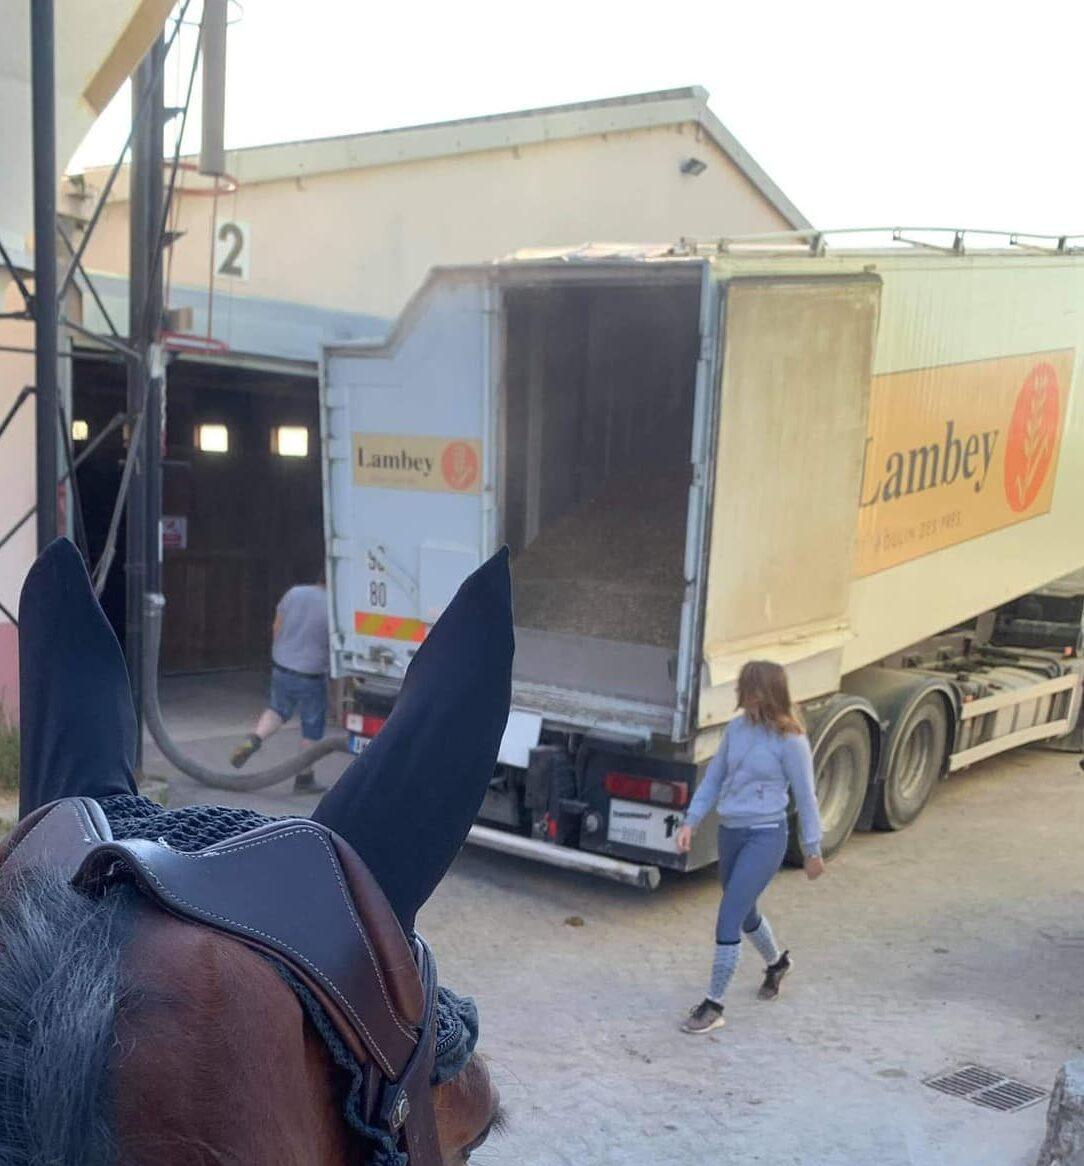 Camion de livraison Lambley, une marque d'alimentation équine utilisée par le Club hippique Eckwersheim pour nourrir ses animaux